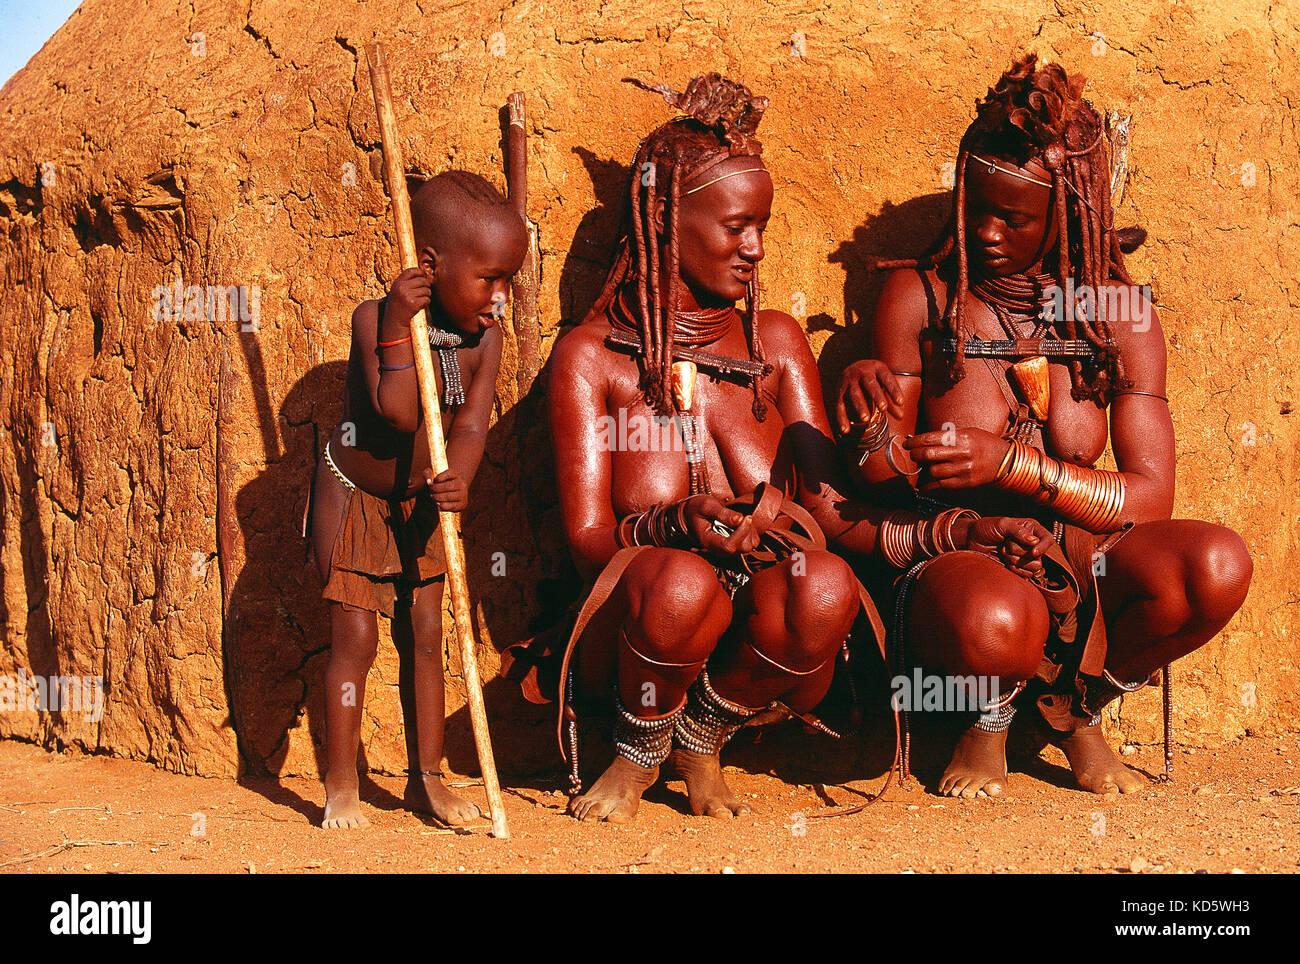 Namibie. Région de Kunene. Deux femmes Himba et un enfant près d'une hutte de boue. Banque D'Images